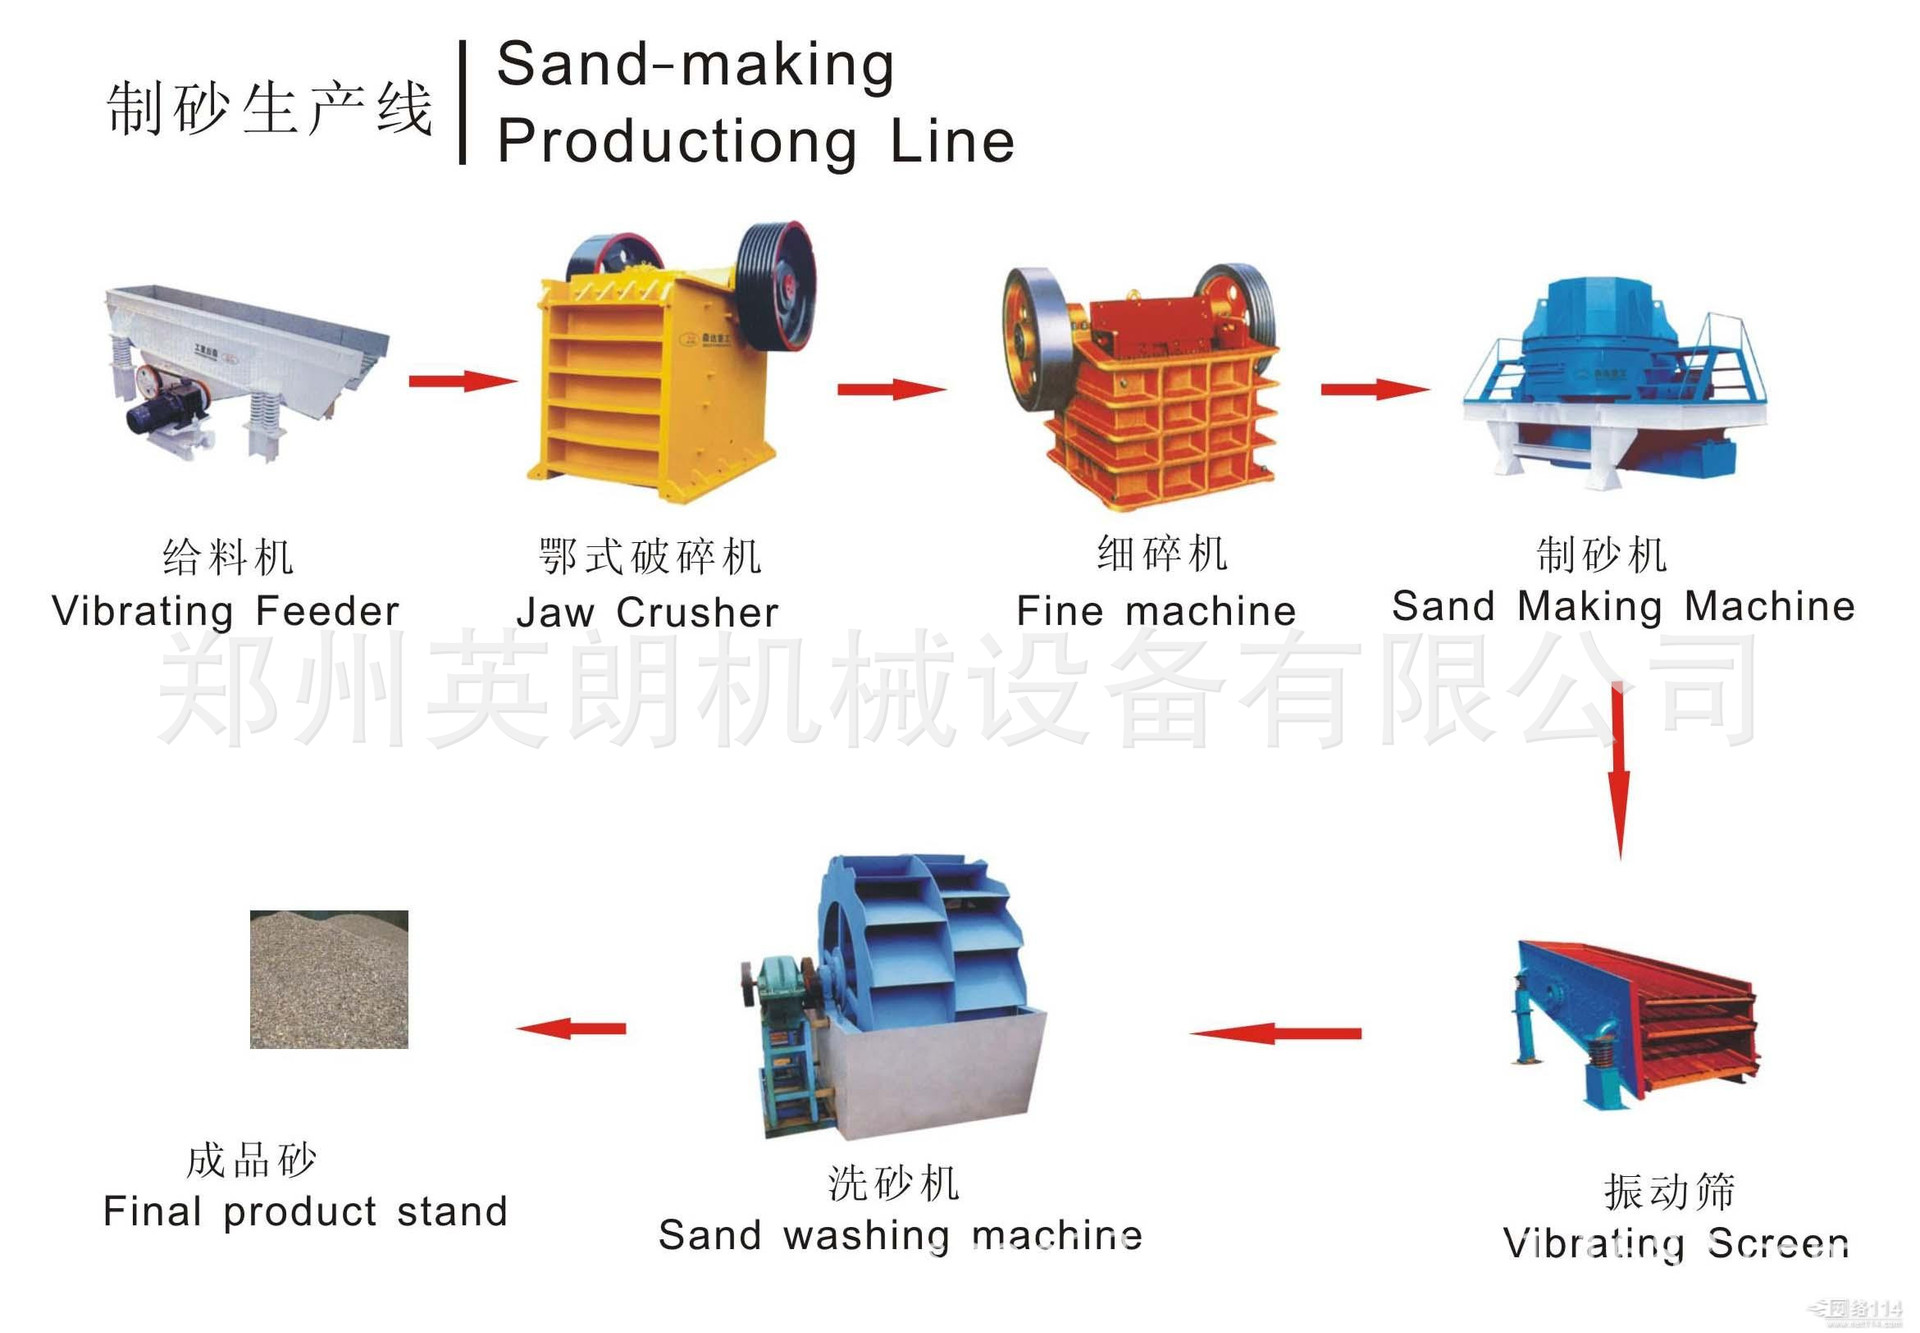 优质砂石骨料生产线 方解石制沙生产线 风化砂石破碎生产线流程示例图12